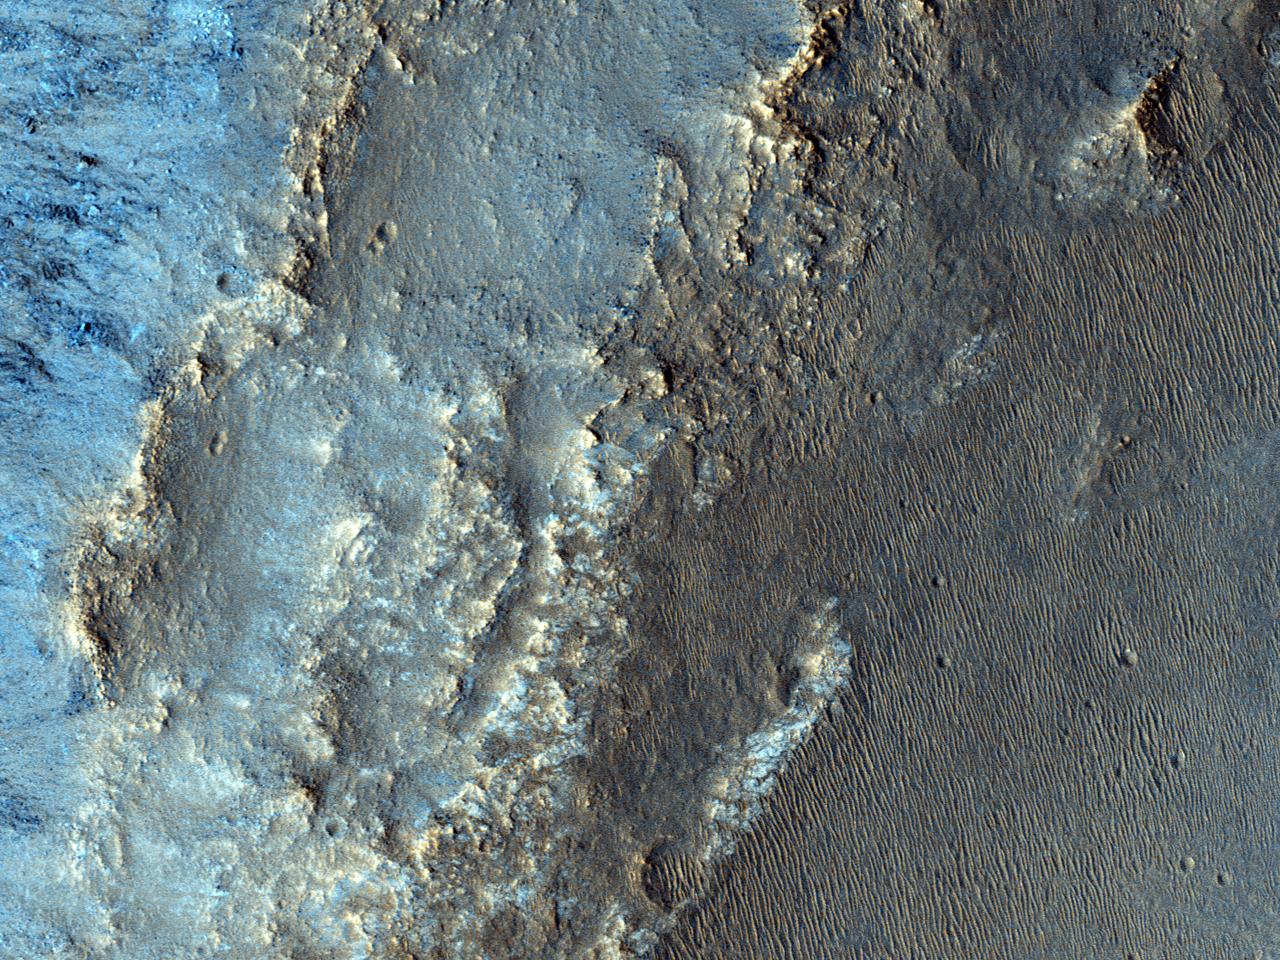 Eksponerte berggrunner i Eos Chasma